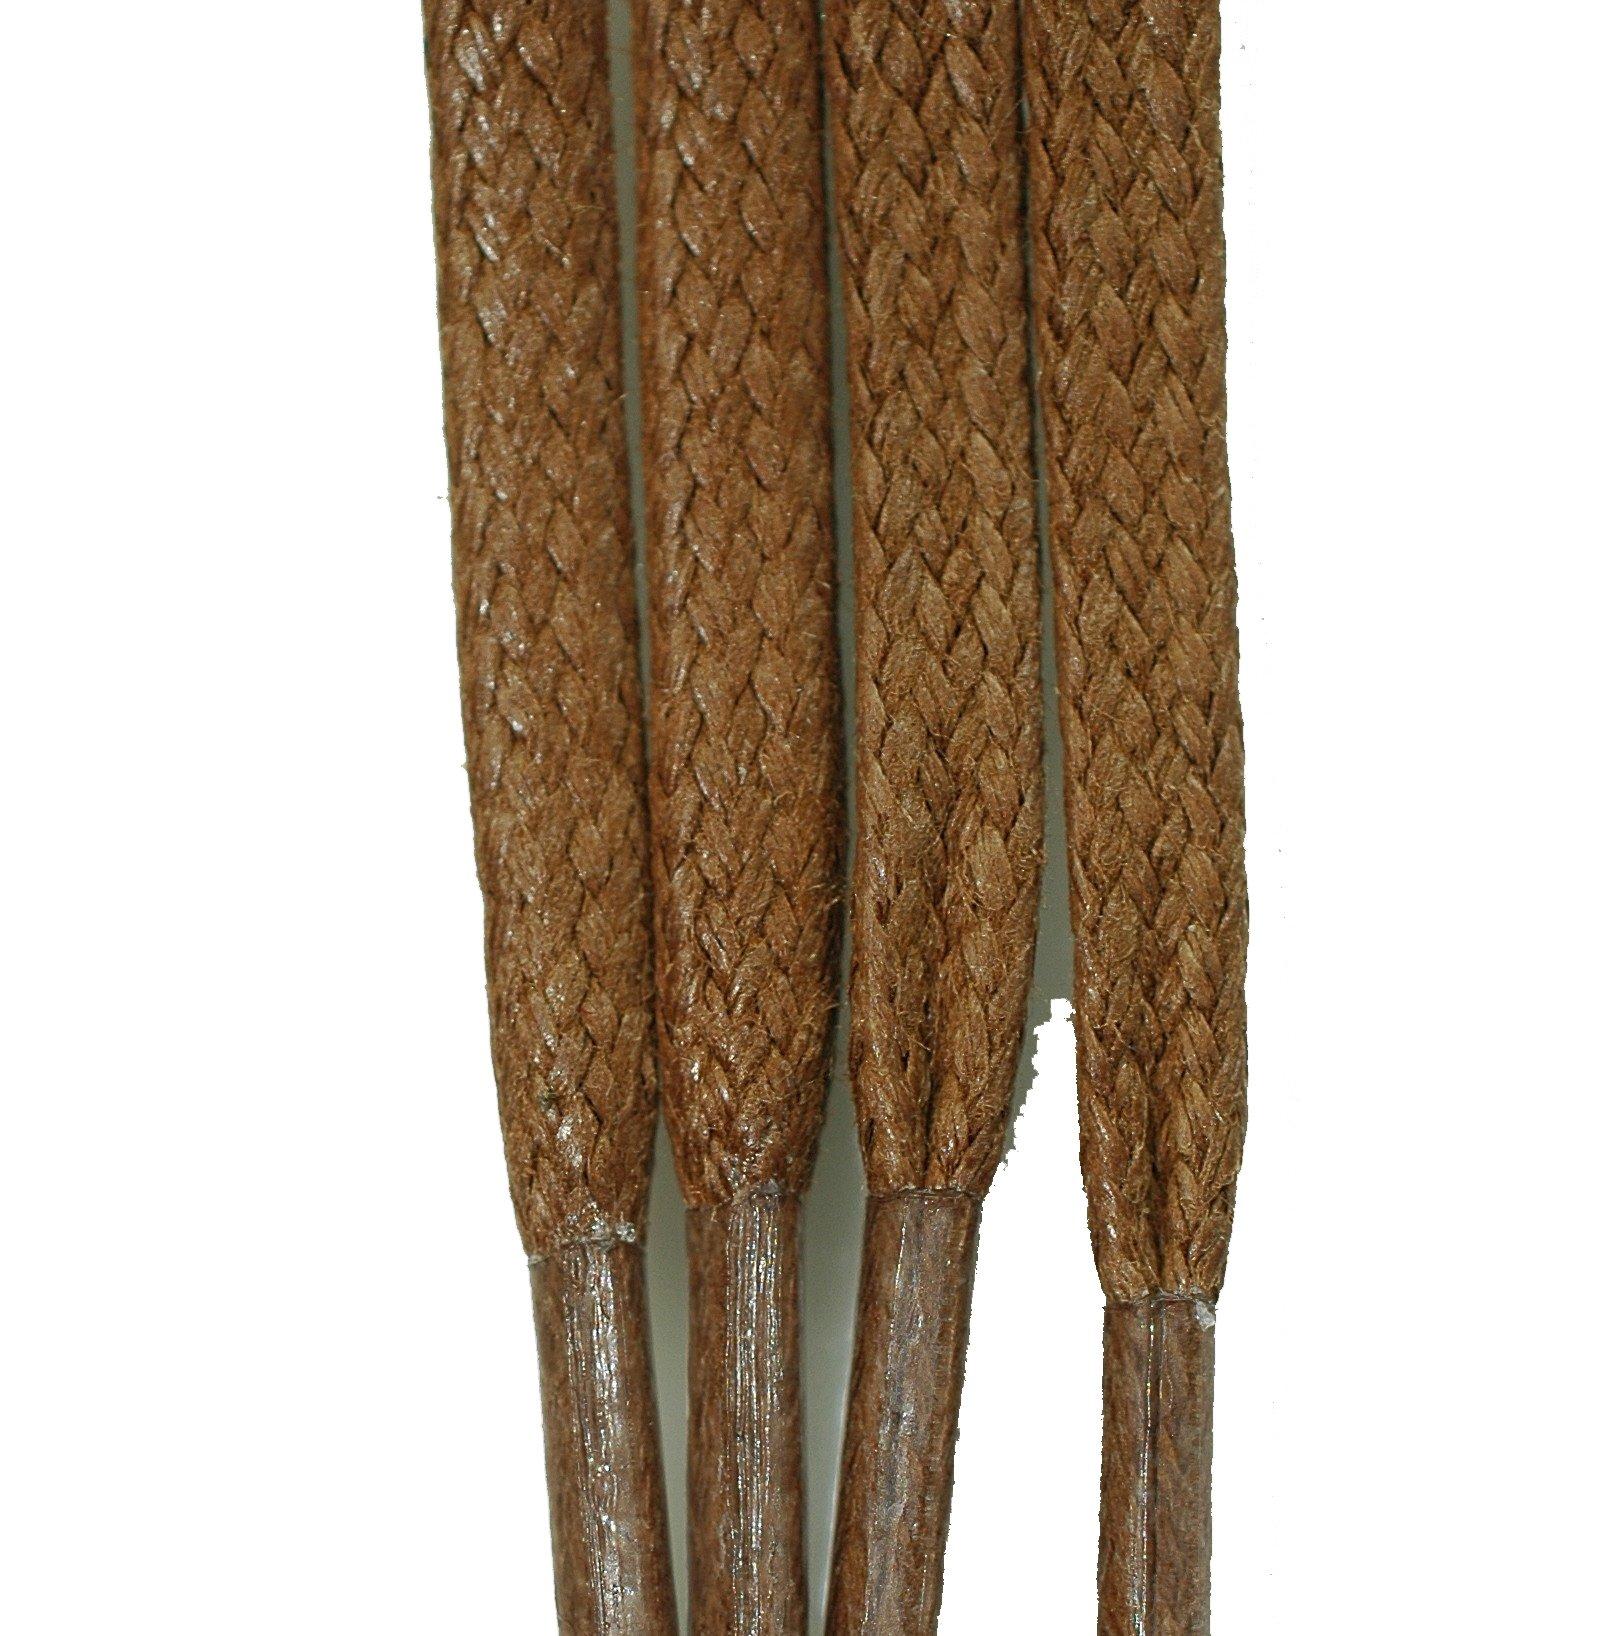 TZ Laces Flat Wax 3/16'' 5mm x 39'' 100cm Light Brown/Tan